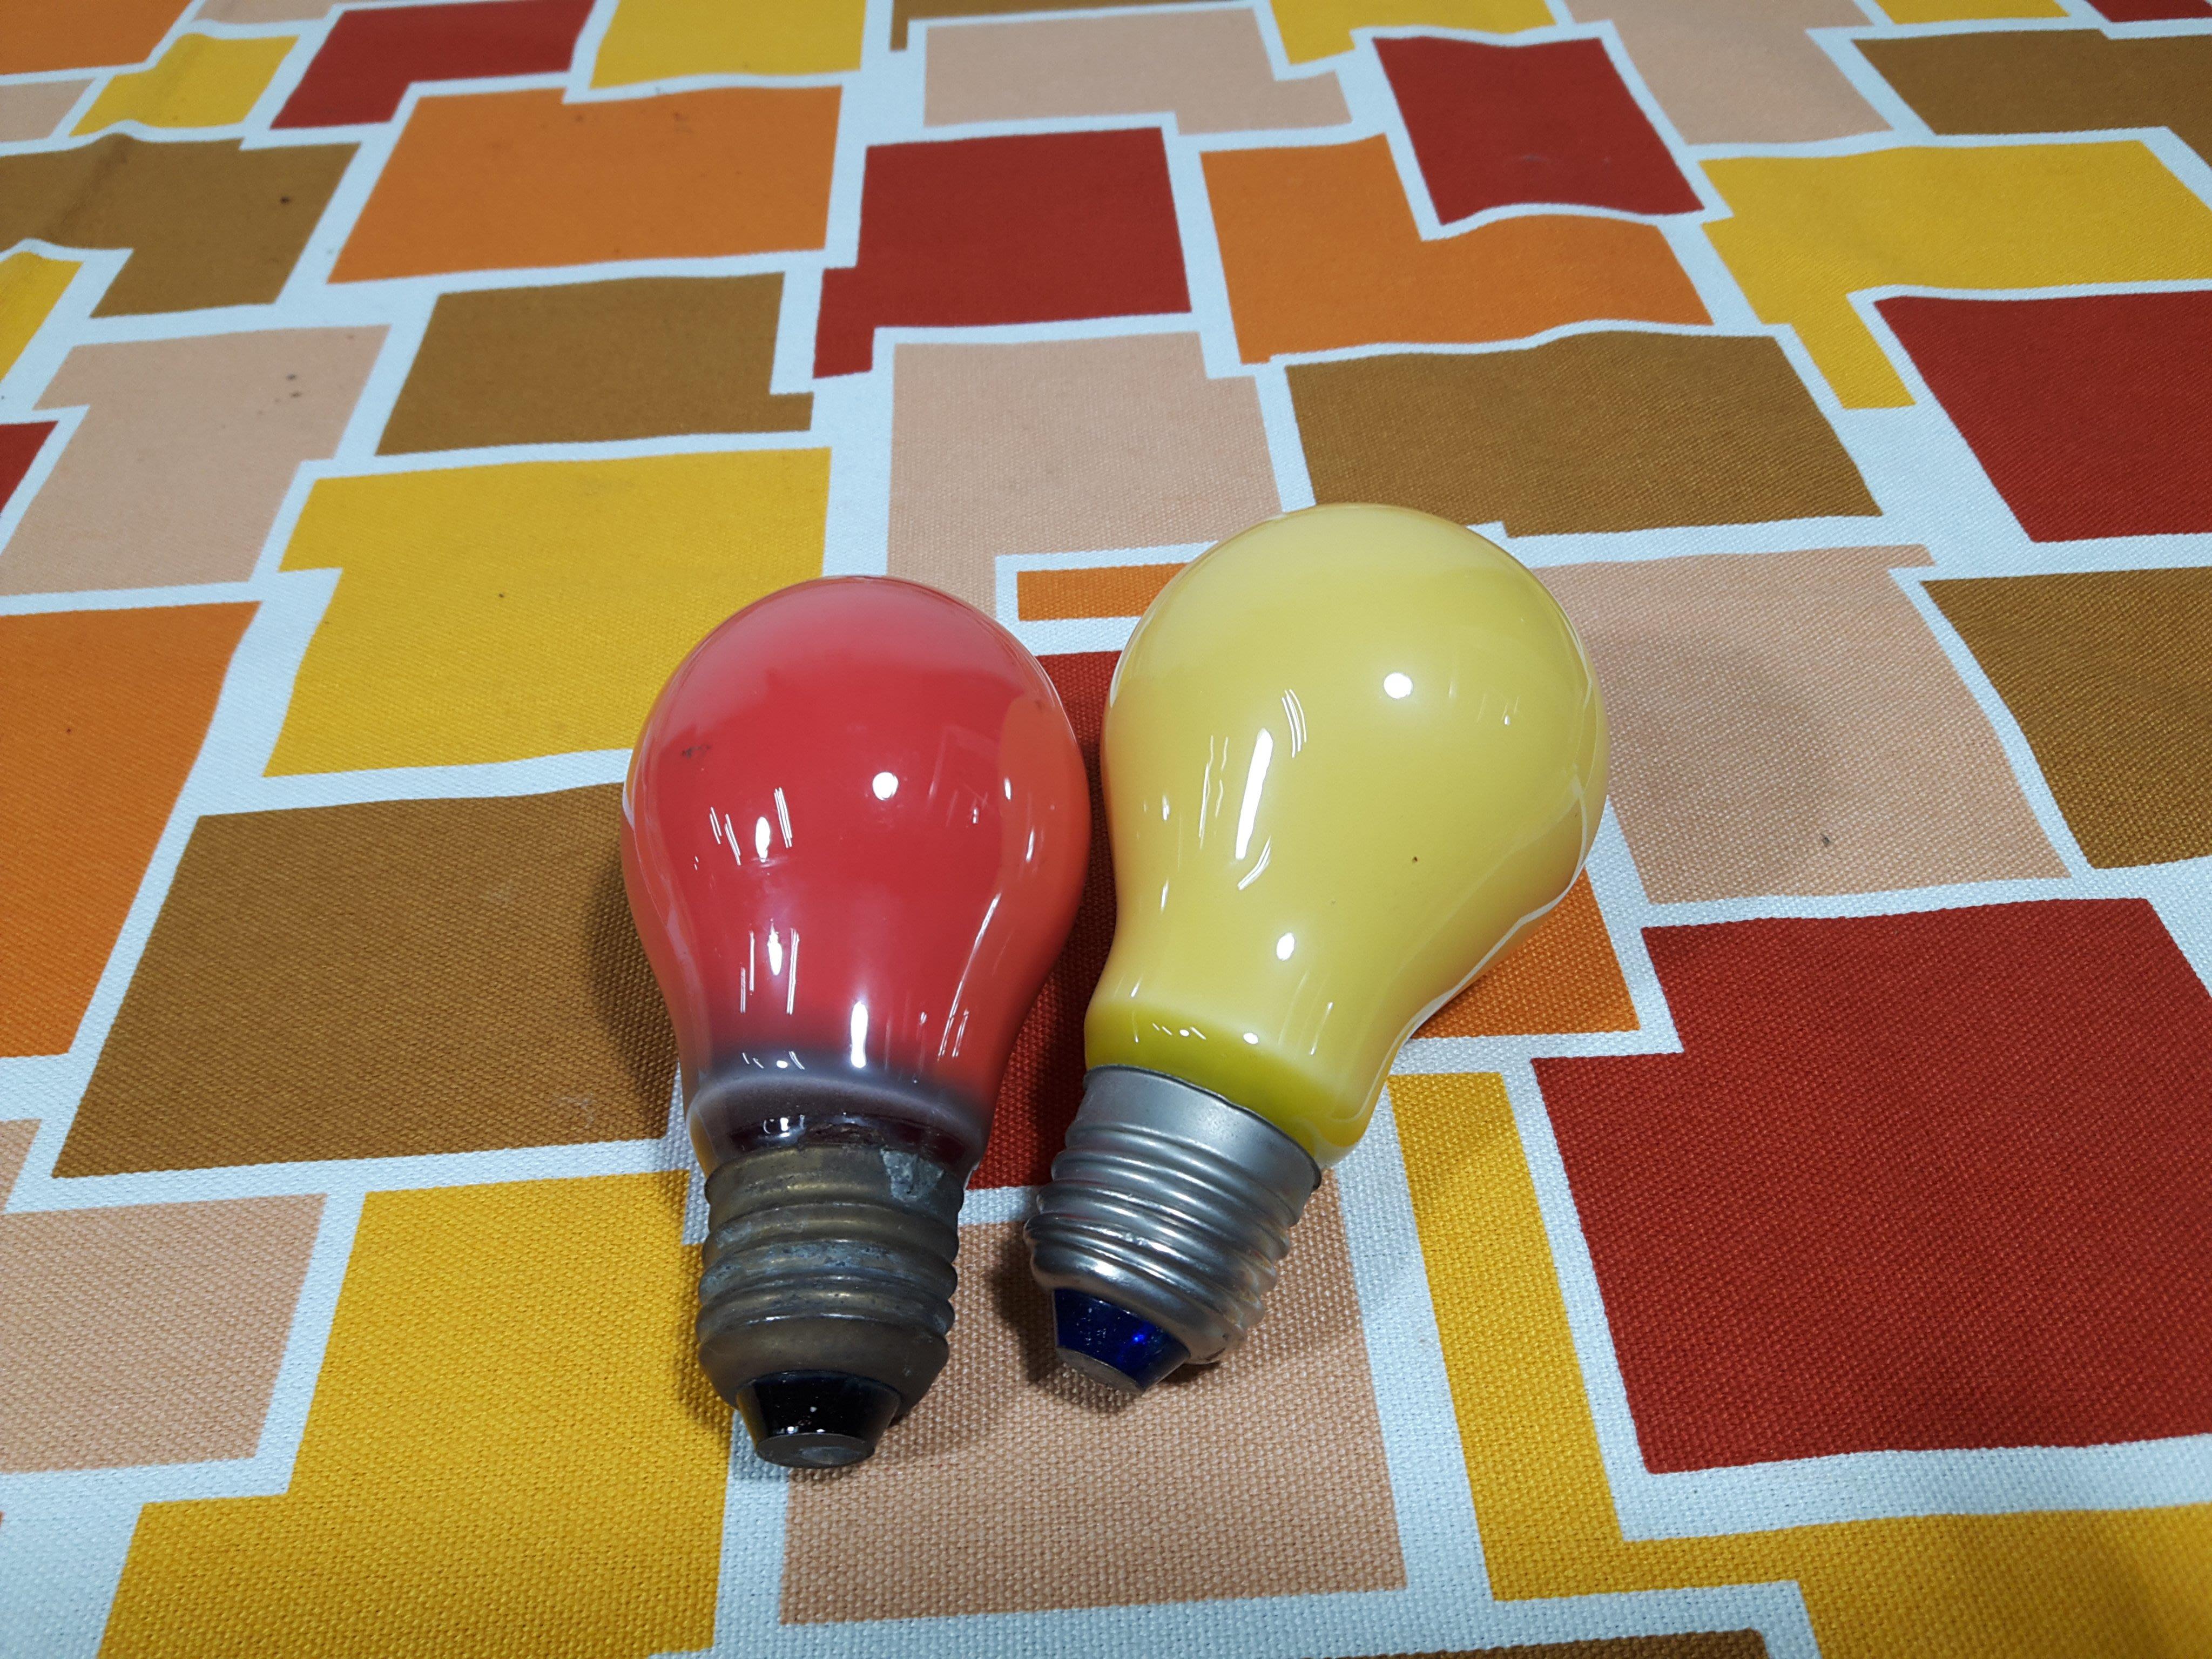 早期彩色燈泡( 橘色黃色)